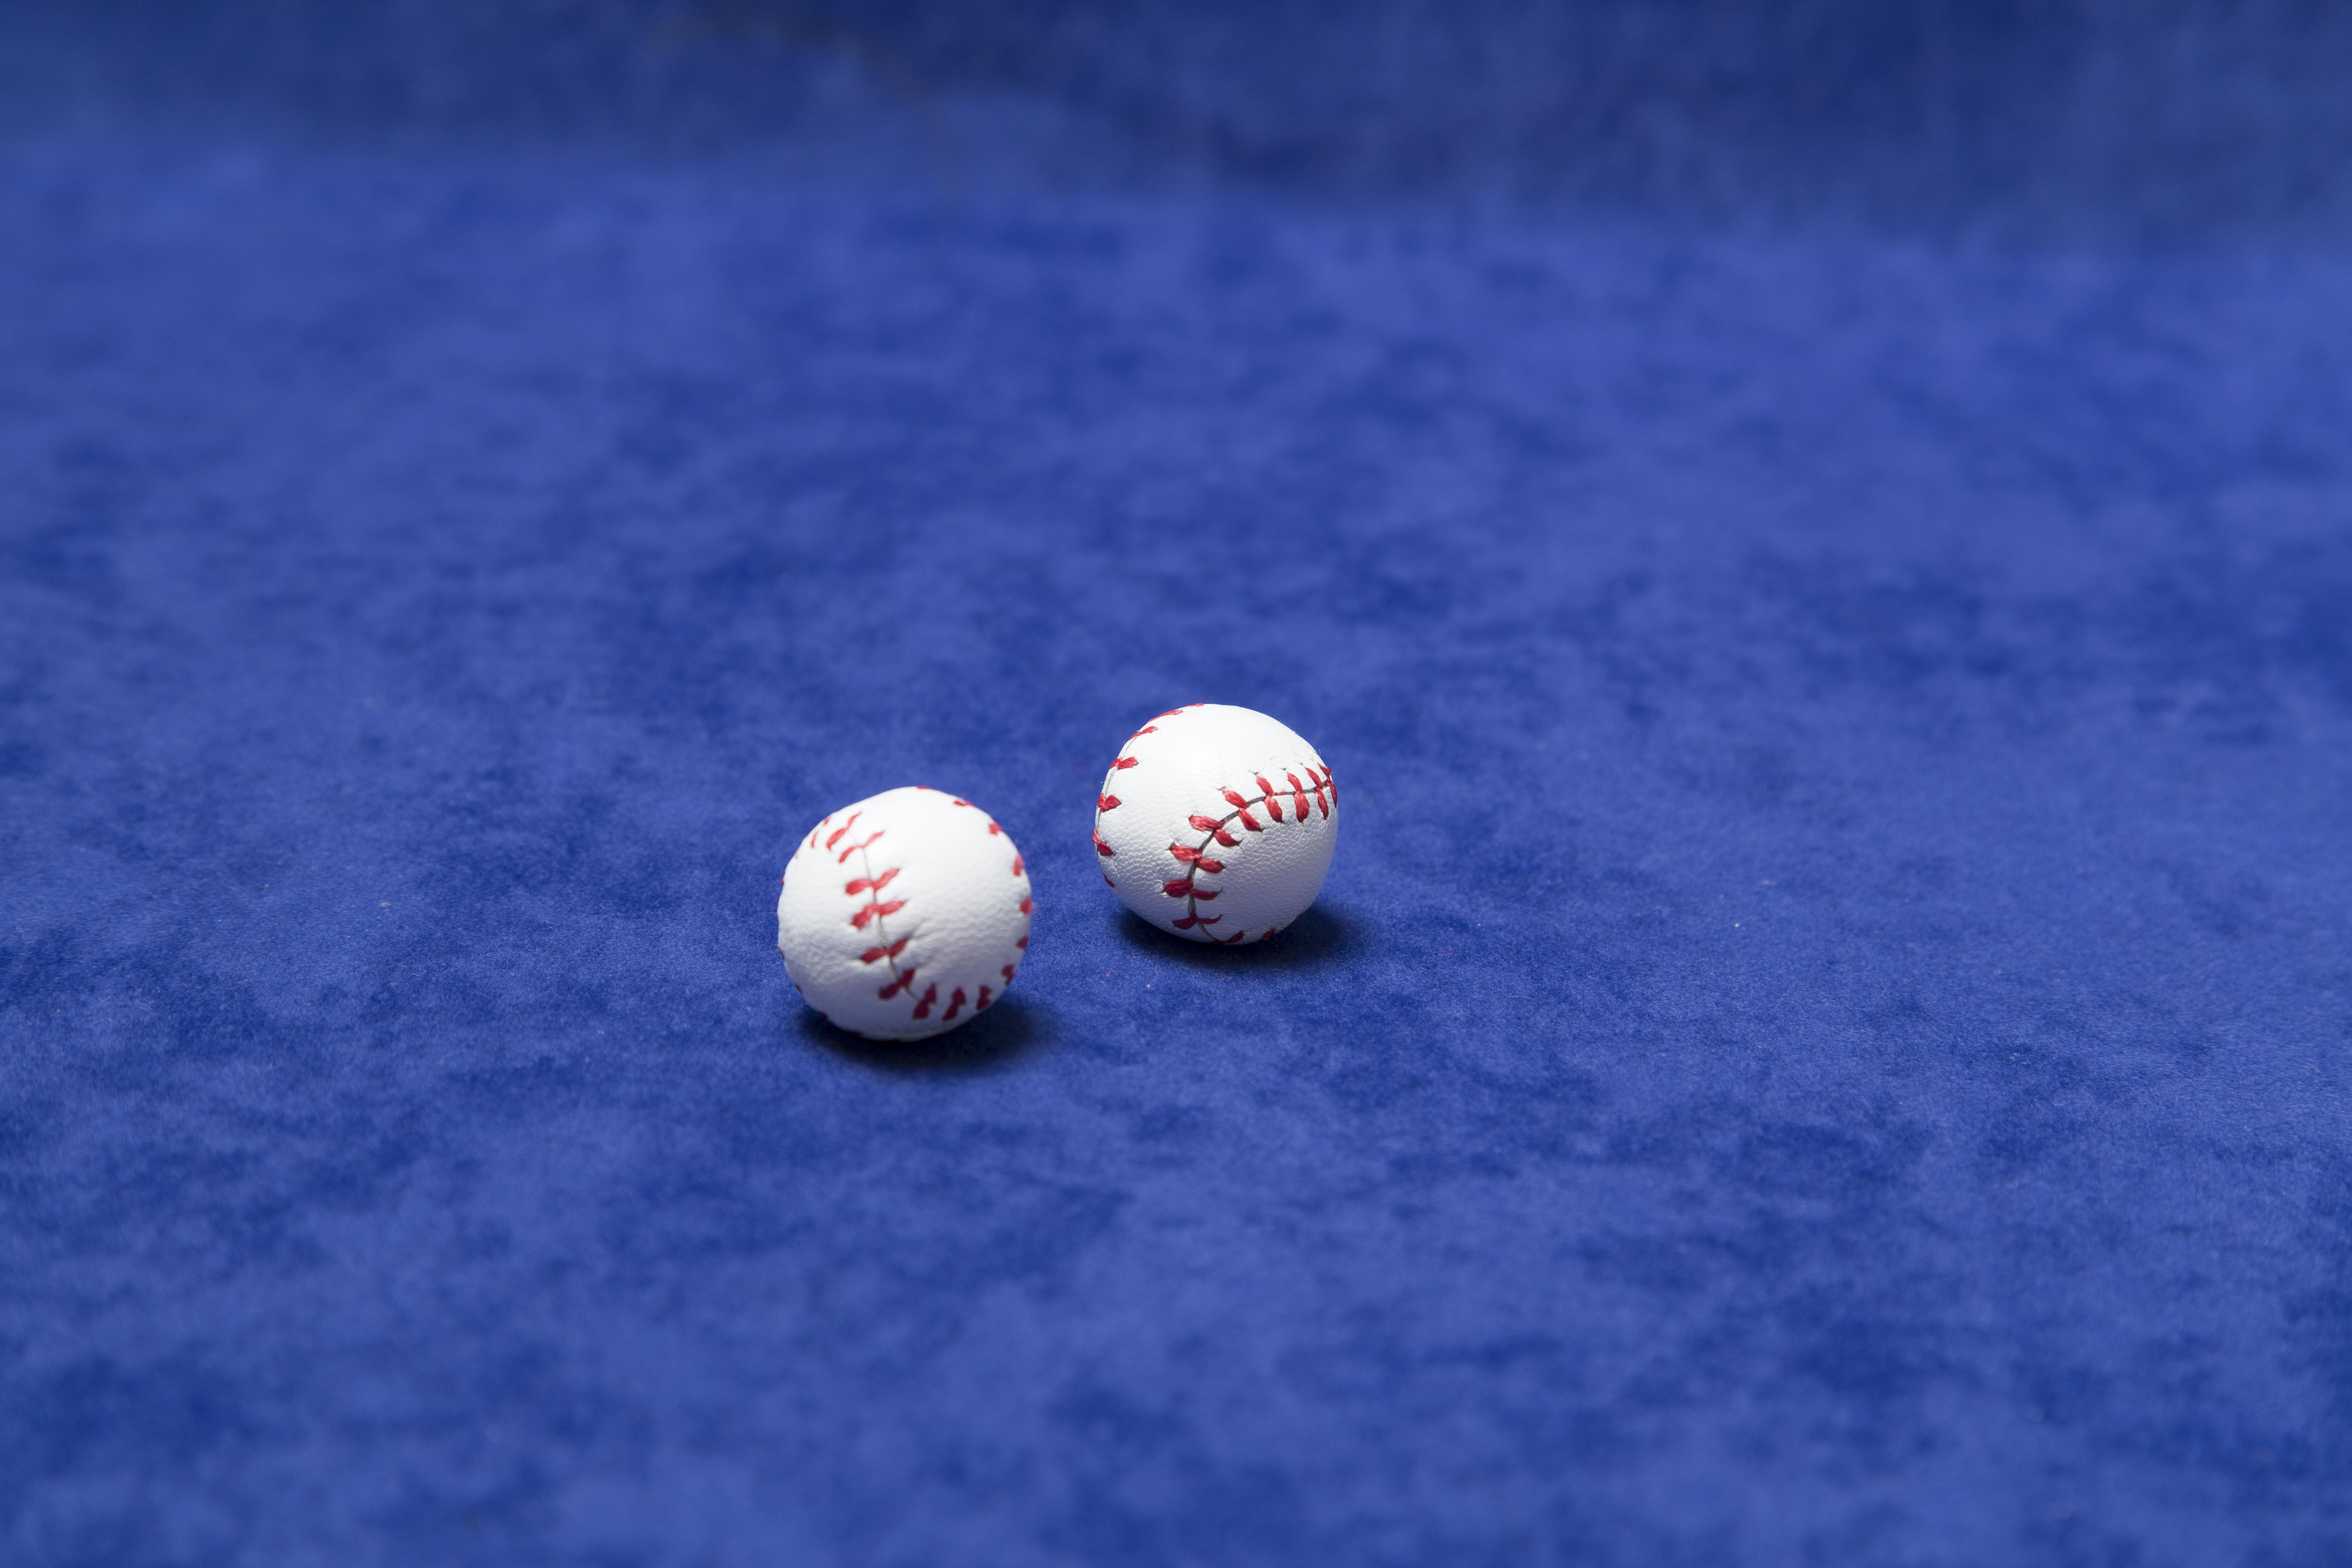 2-bolas-chop-cup-piel-5472x3648 | iluminat.com